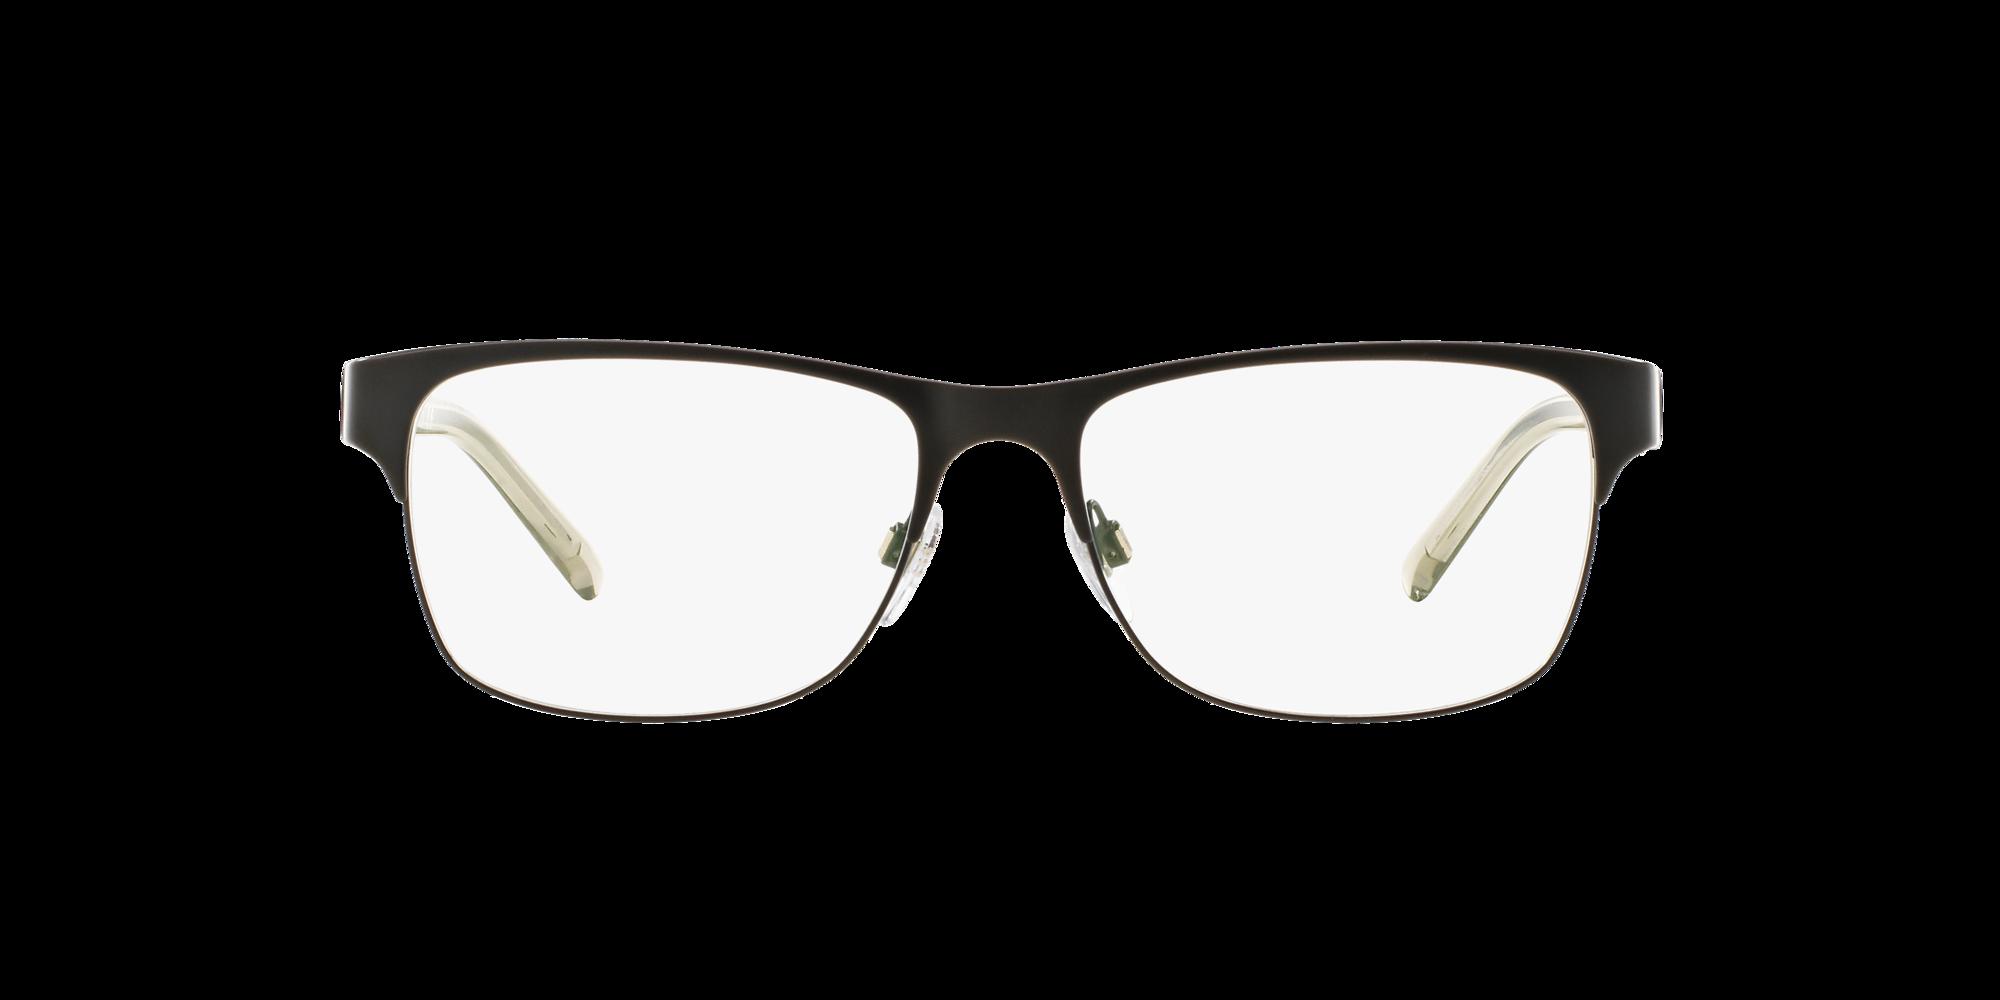 Imagen para BE1289 de LensCrafters |  Espejuelos, espejuelos graduados en línea, gafas